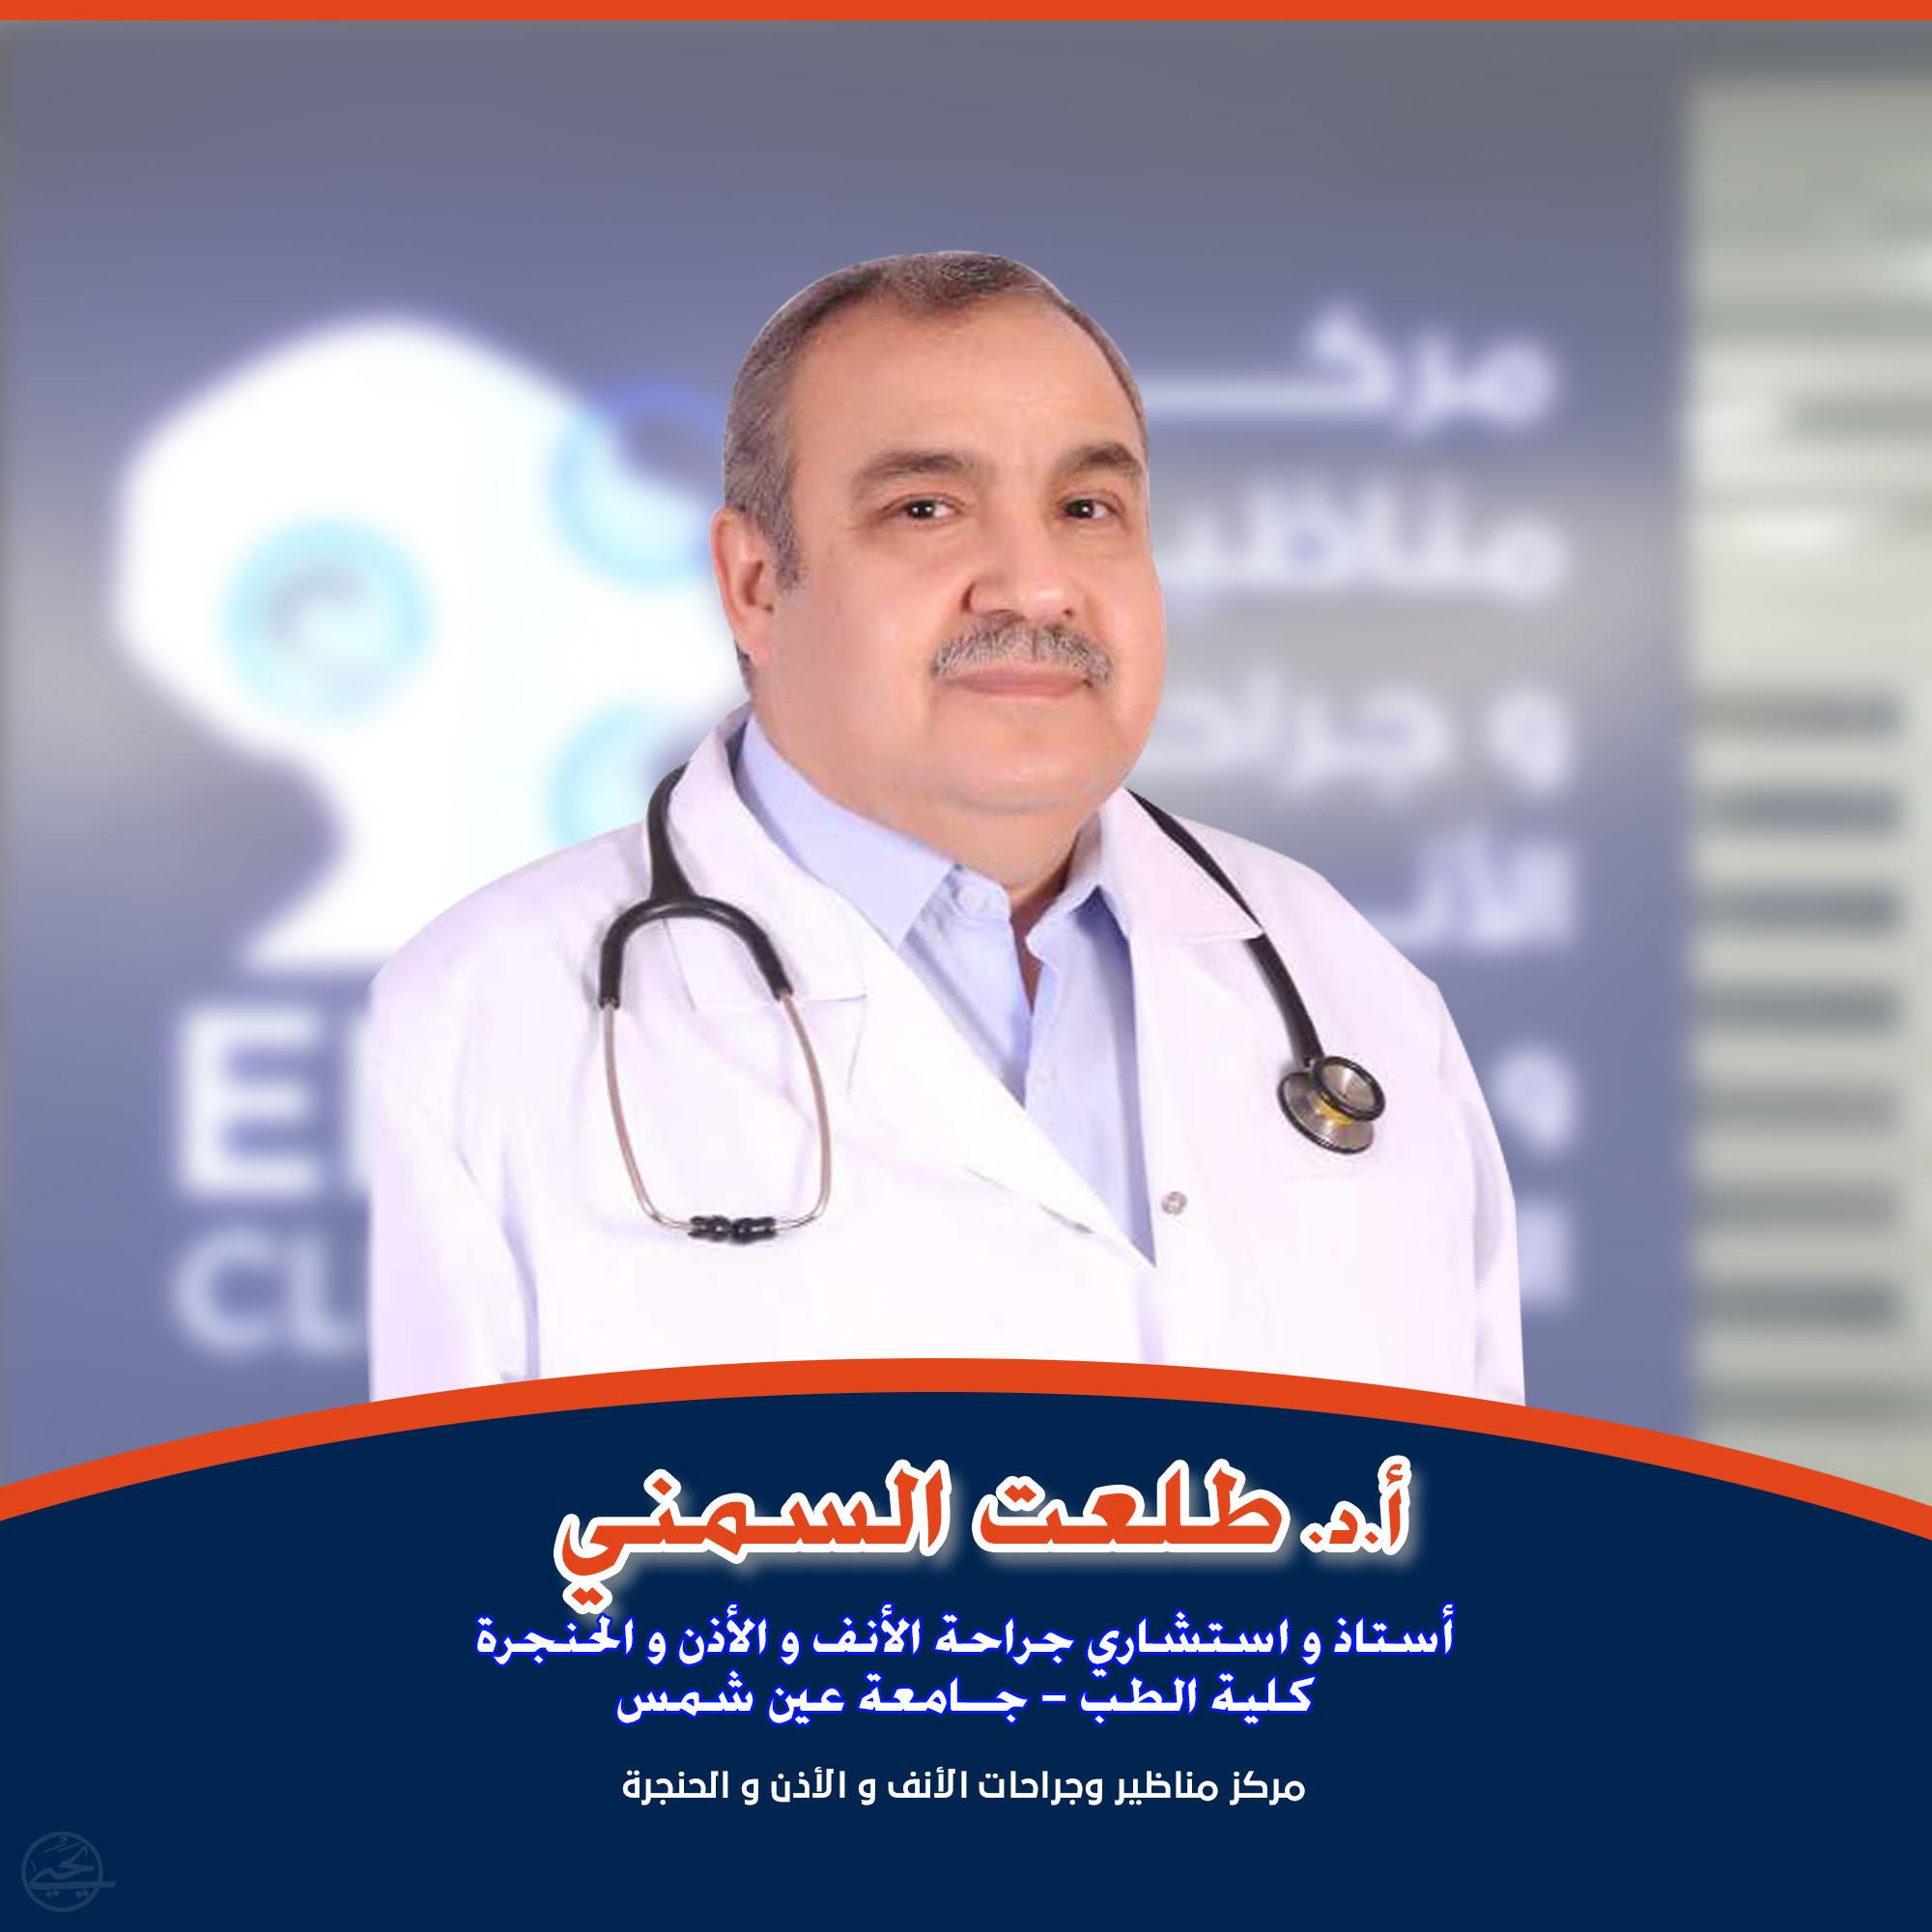 د. طلعت السمني